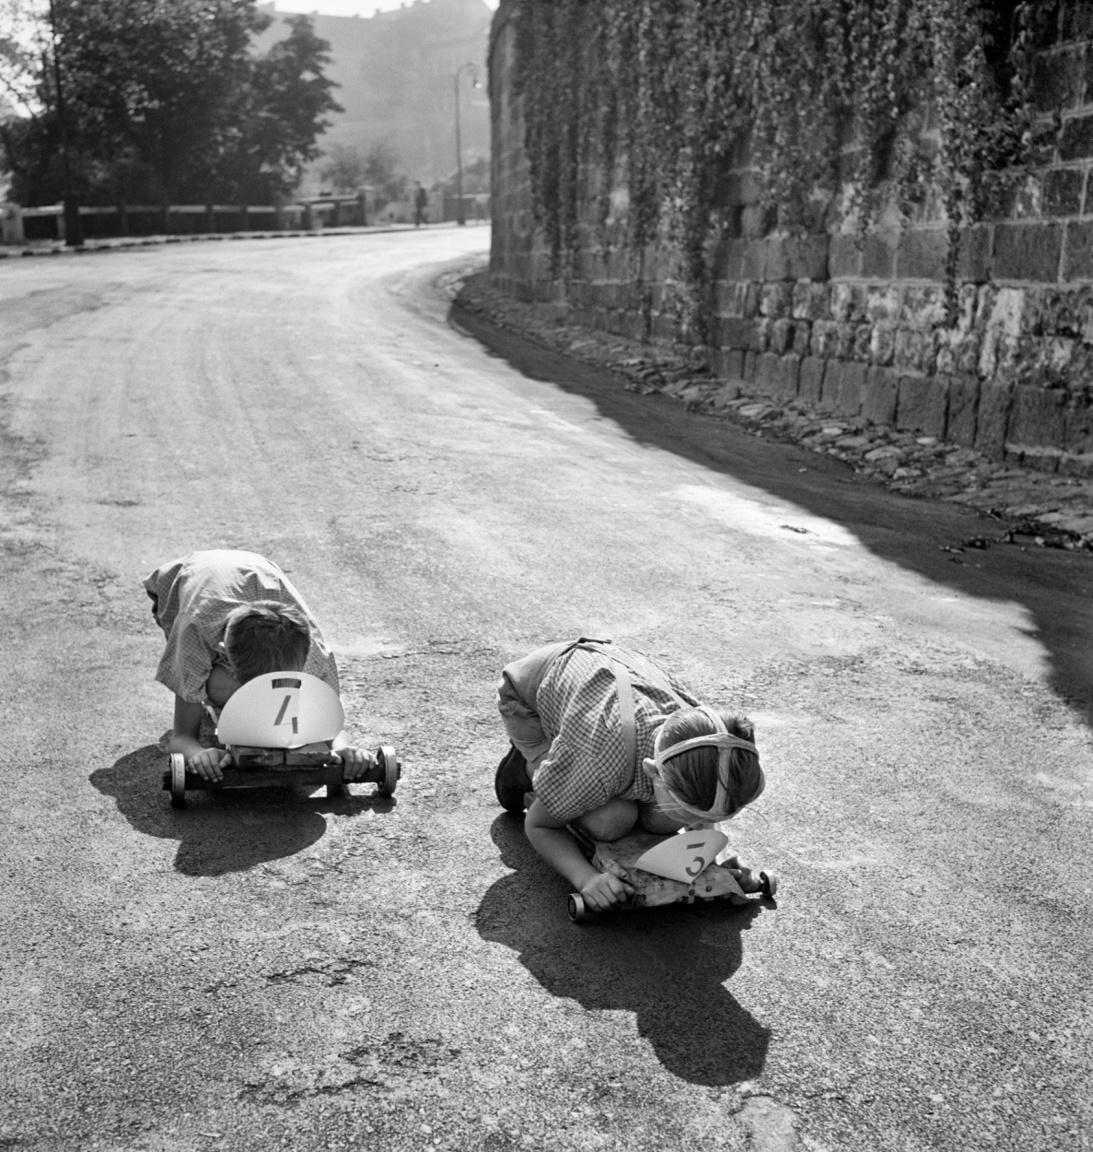 """A hatvanas években több aggodalmaskodó hangvételű újságcikk is megjelent a magyar sajtóban a deszkából és golyóscsapágyakból szerelt gokartokon száguldozó gyerekek balesetveszélyes játékáról. """"Két kis srác gurul lefelé. Kikötnek - a járdáról is legurulva - a sétány kellős közepén. Balról egy Volga fékez, jobbról egy teherautó sofőrje, és szórja a szitkot. Igaza van. Egy hajszálon múlott, hogy nem ütötte el a gyerekeket"""" – írta például 1969 nyarán a Pest Megyei Hírlap. A Délmagyarország 1968-ban egyenesen lélekvesztőnek nevezte a gyerekek járgányait. """"Szeretném remélni, hogy nem lesz divat a golyós-csapágyas gokart"""" – írta az újságíró. (Csapágyas deszka gokart verseny, 1960 körül.)"""